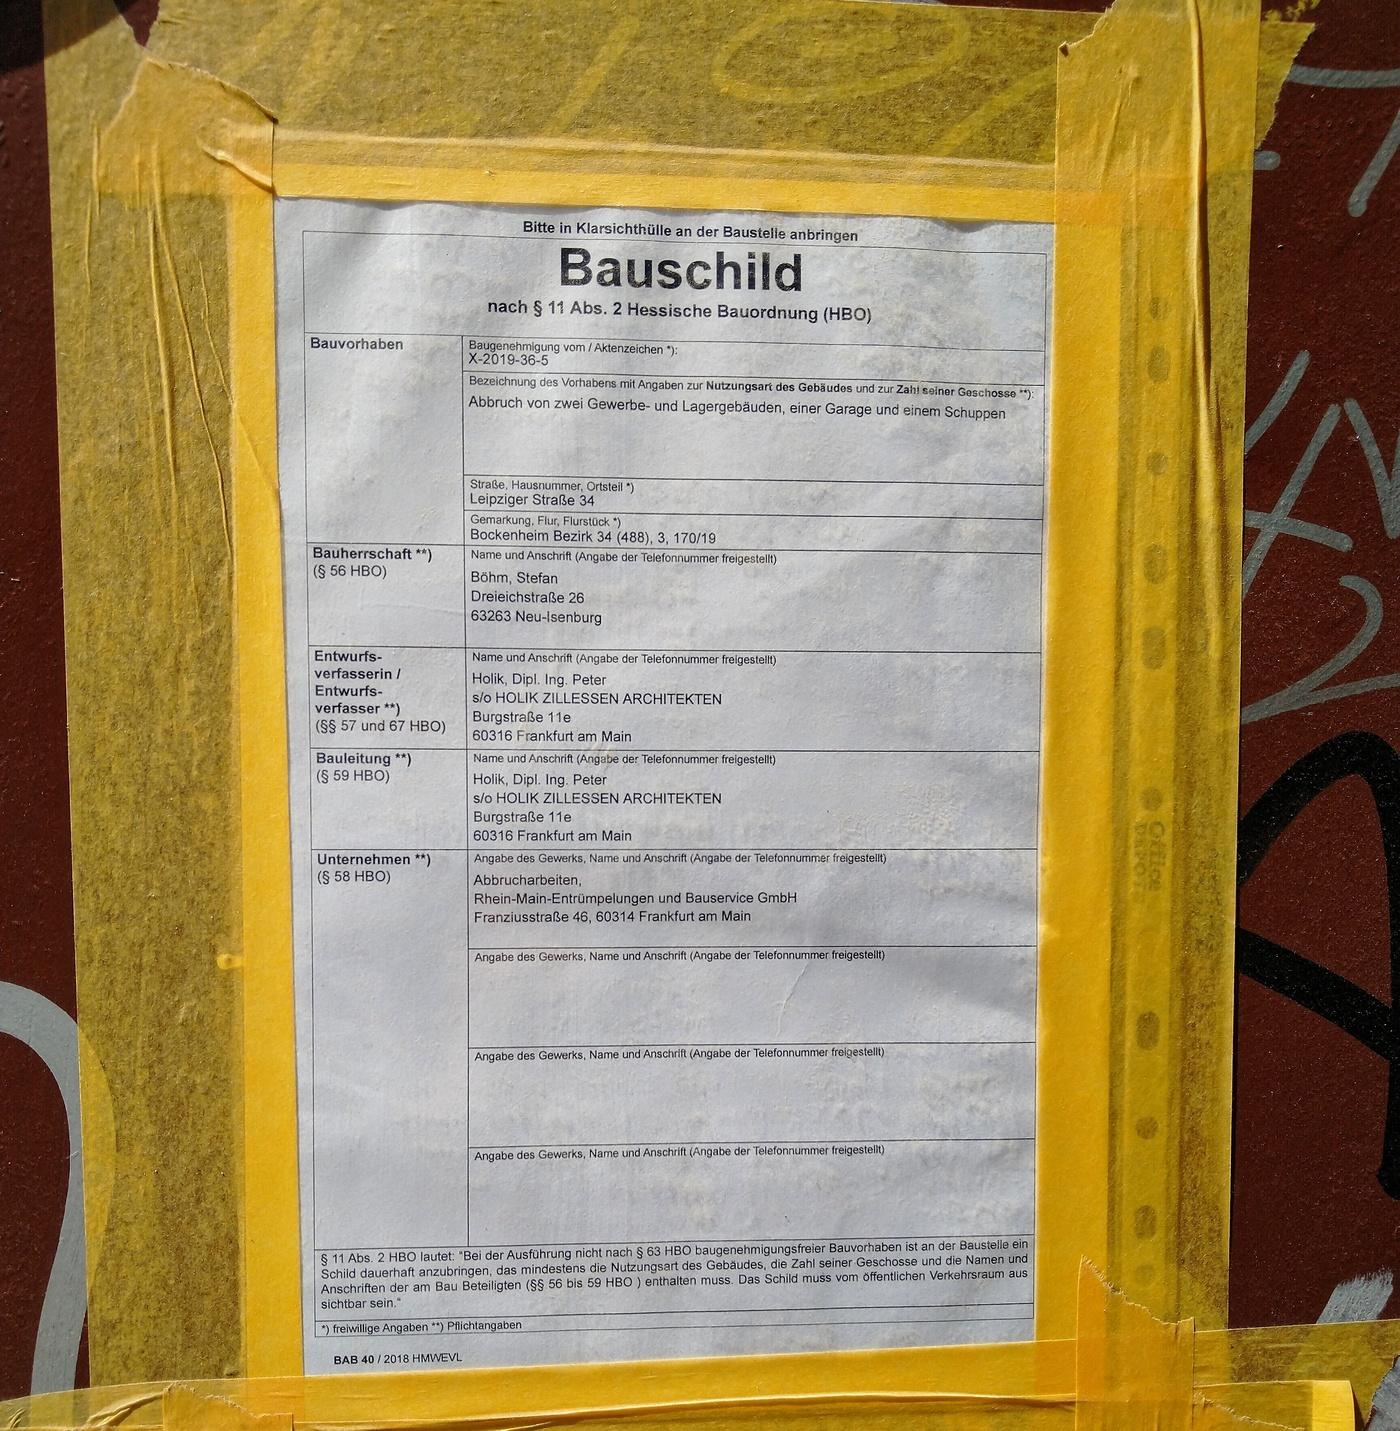 Bild: https://www.deutsches-architektur-forum.de/pics/schmittchen/4406_leipziger_strasse_34.jpg